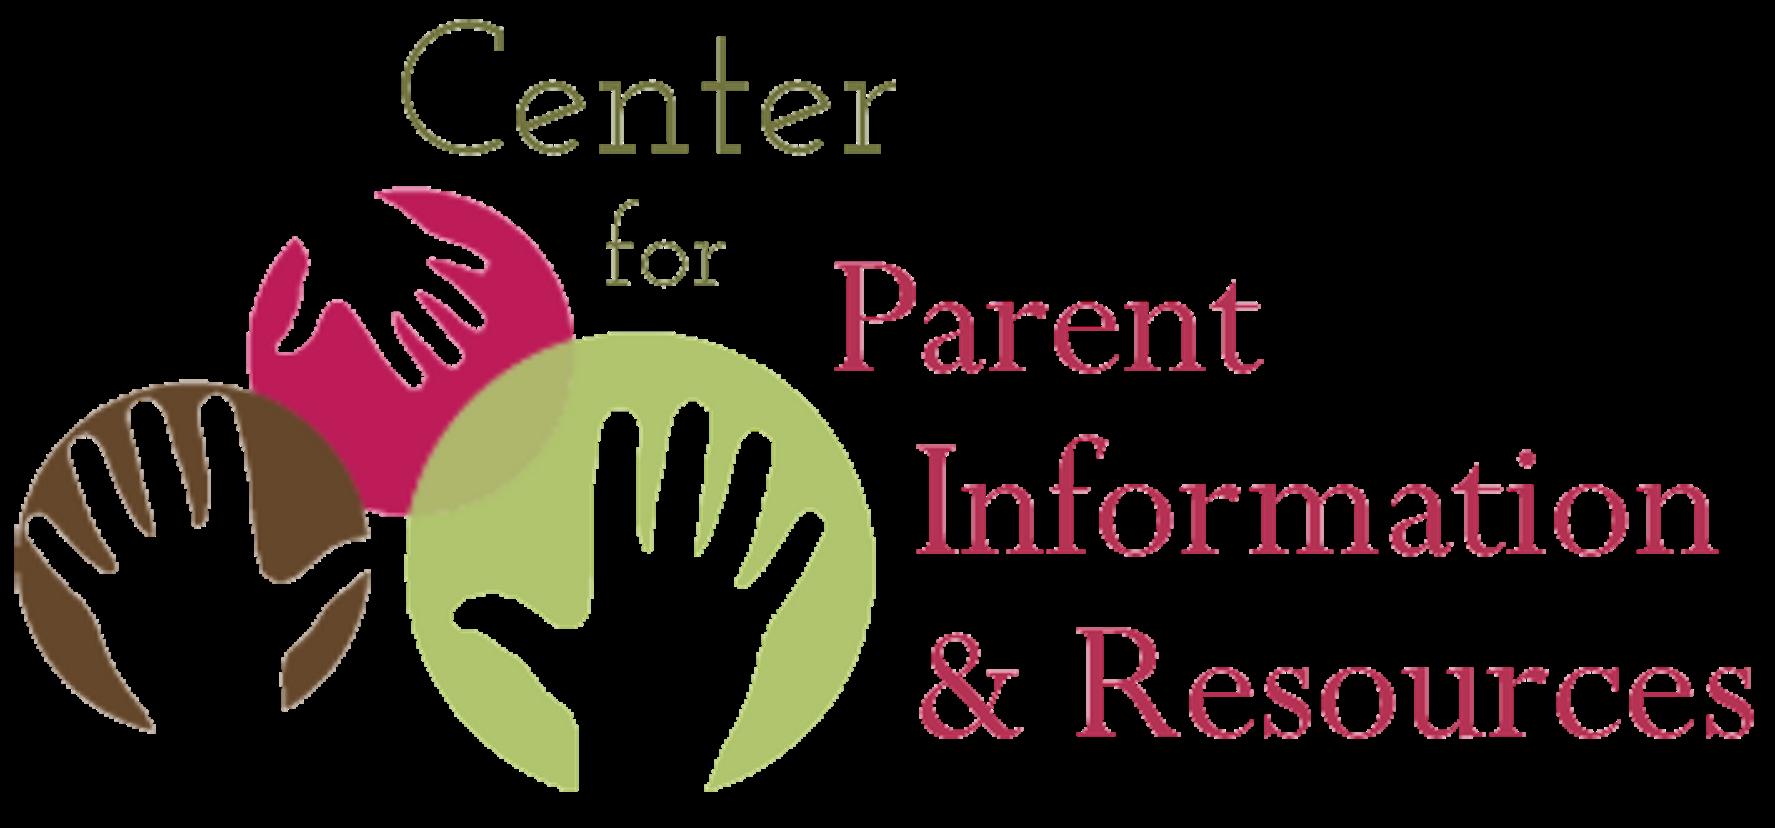 Parents clipart parent meeting. Parental right to participate